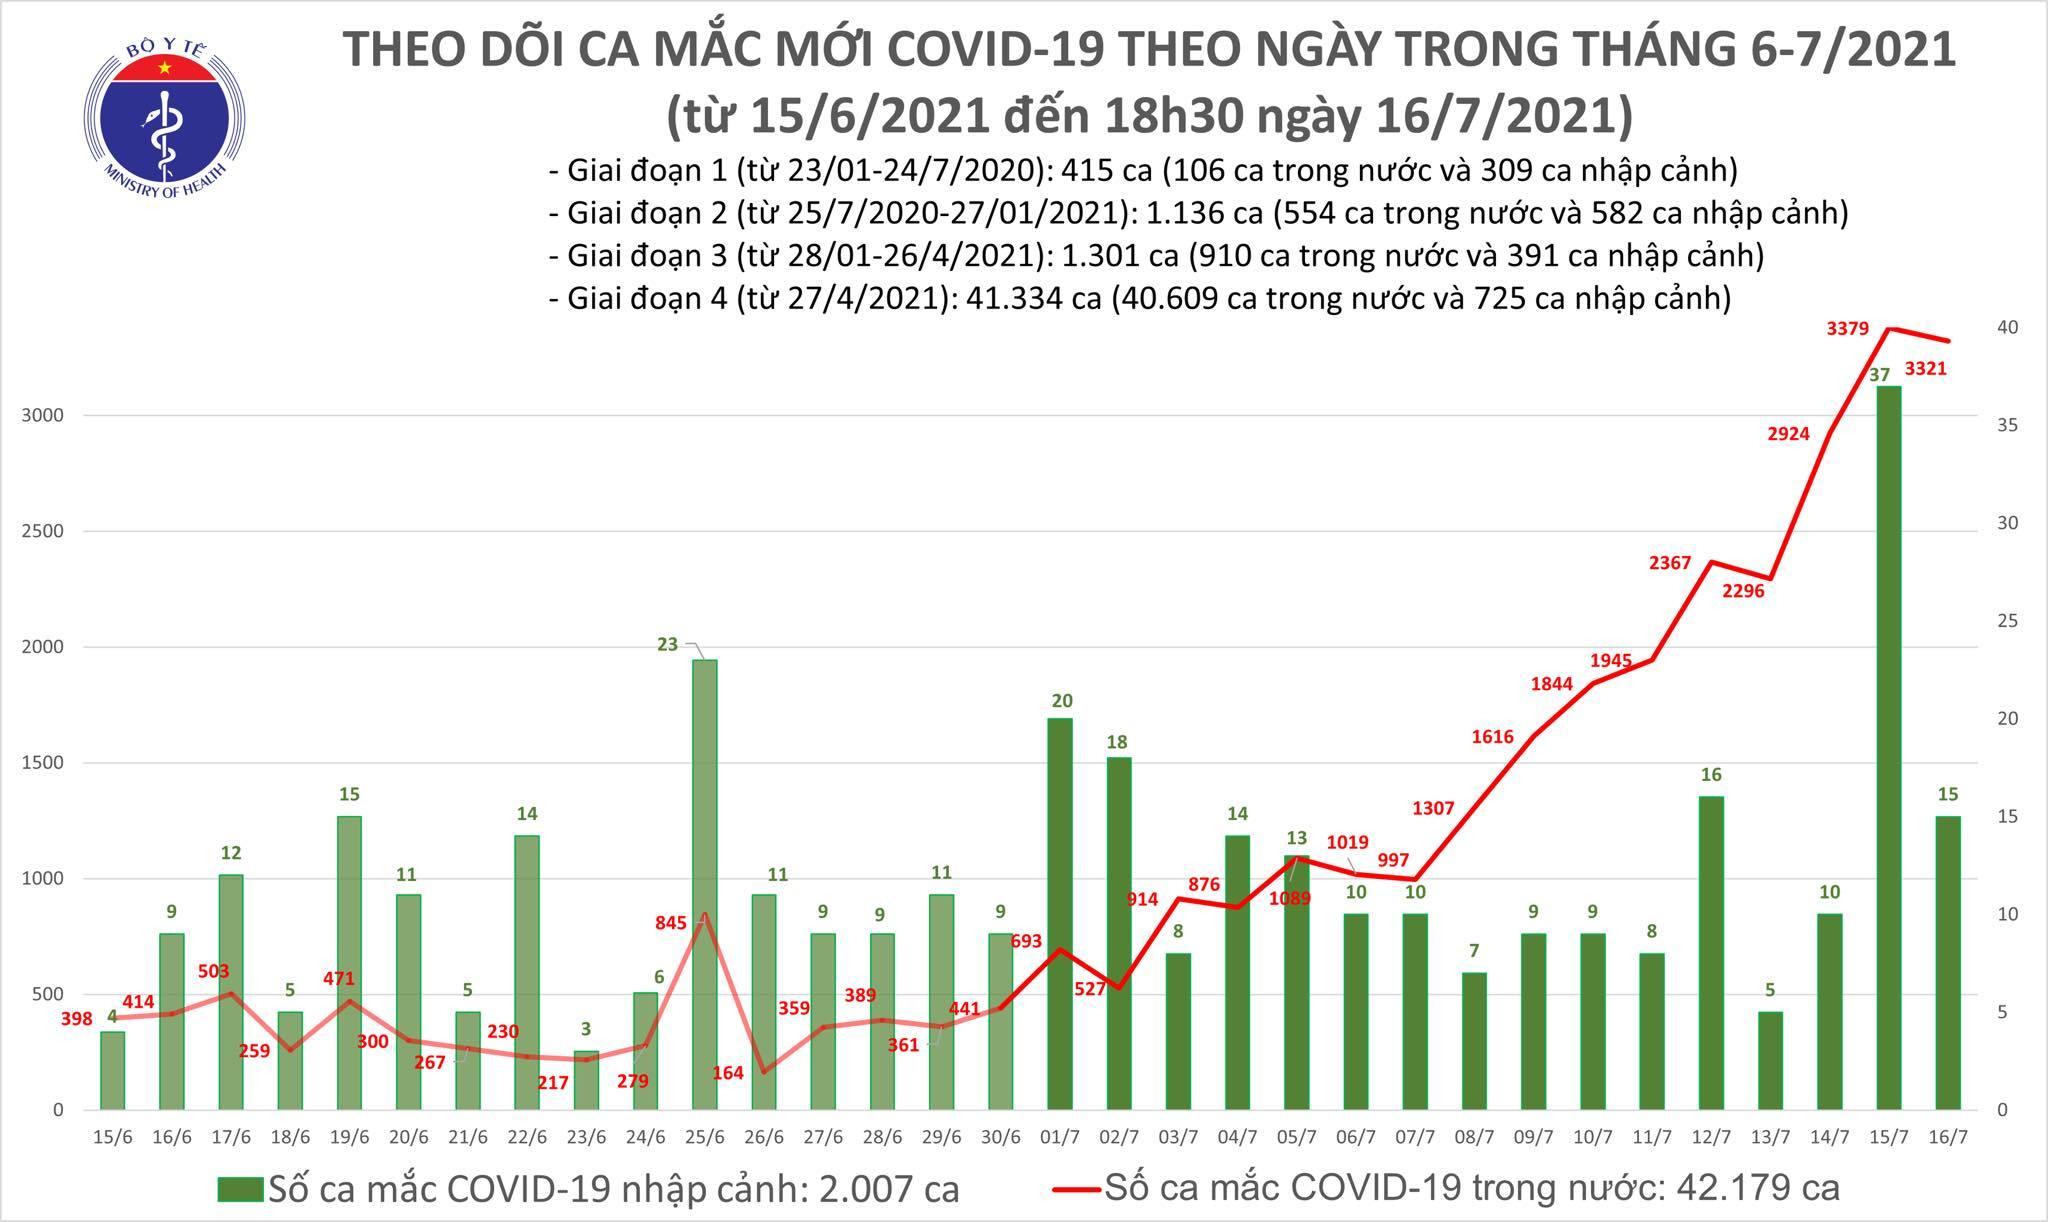 Tối 16/7 thêm 1.898 ca Covid-19, cả ngày ghi nhận 3.336 ca